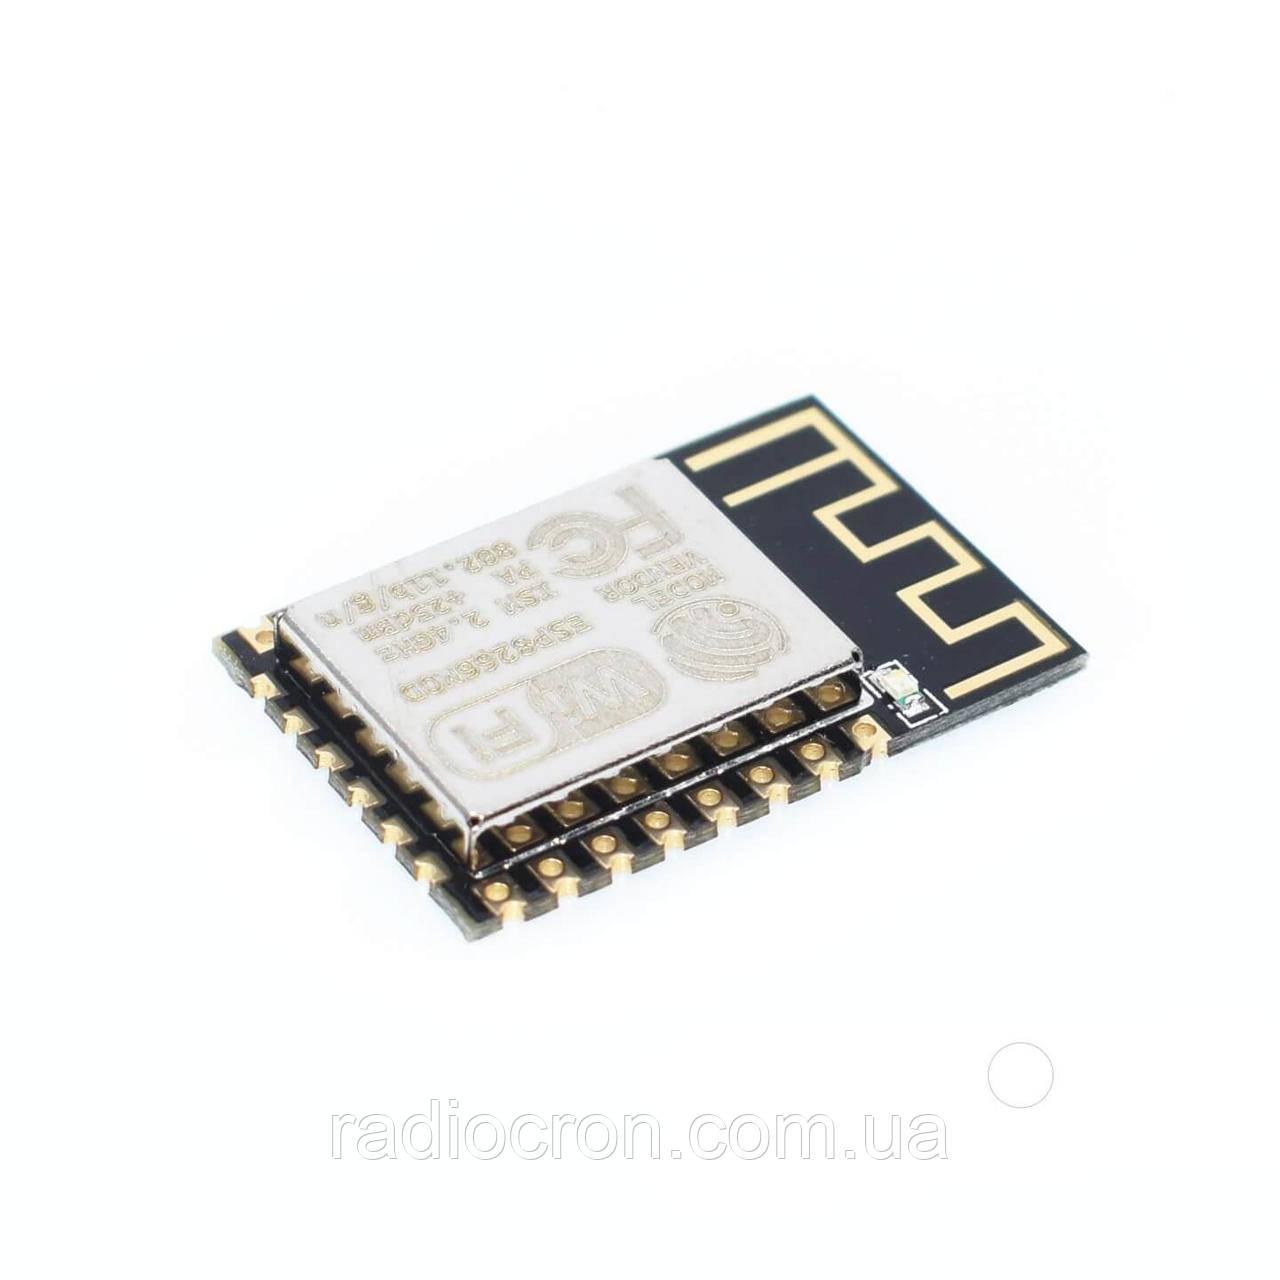 Wi-Fi модуль ESP8266 версия ESP-12F